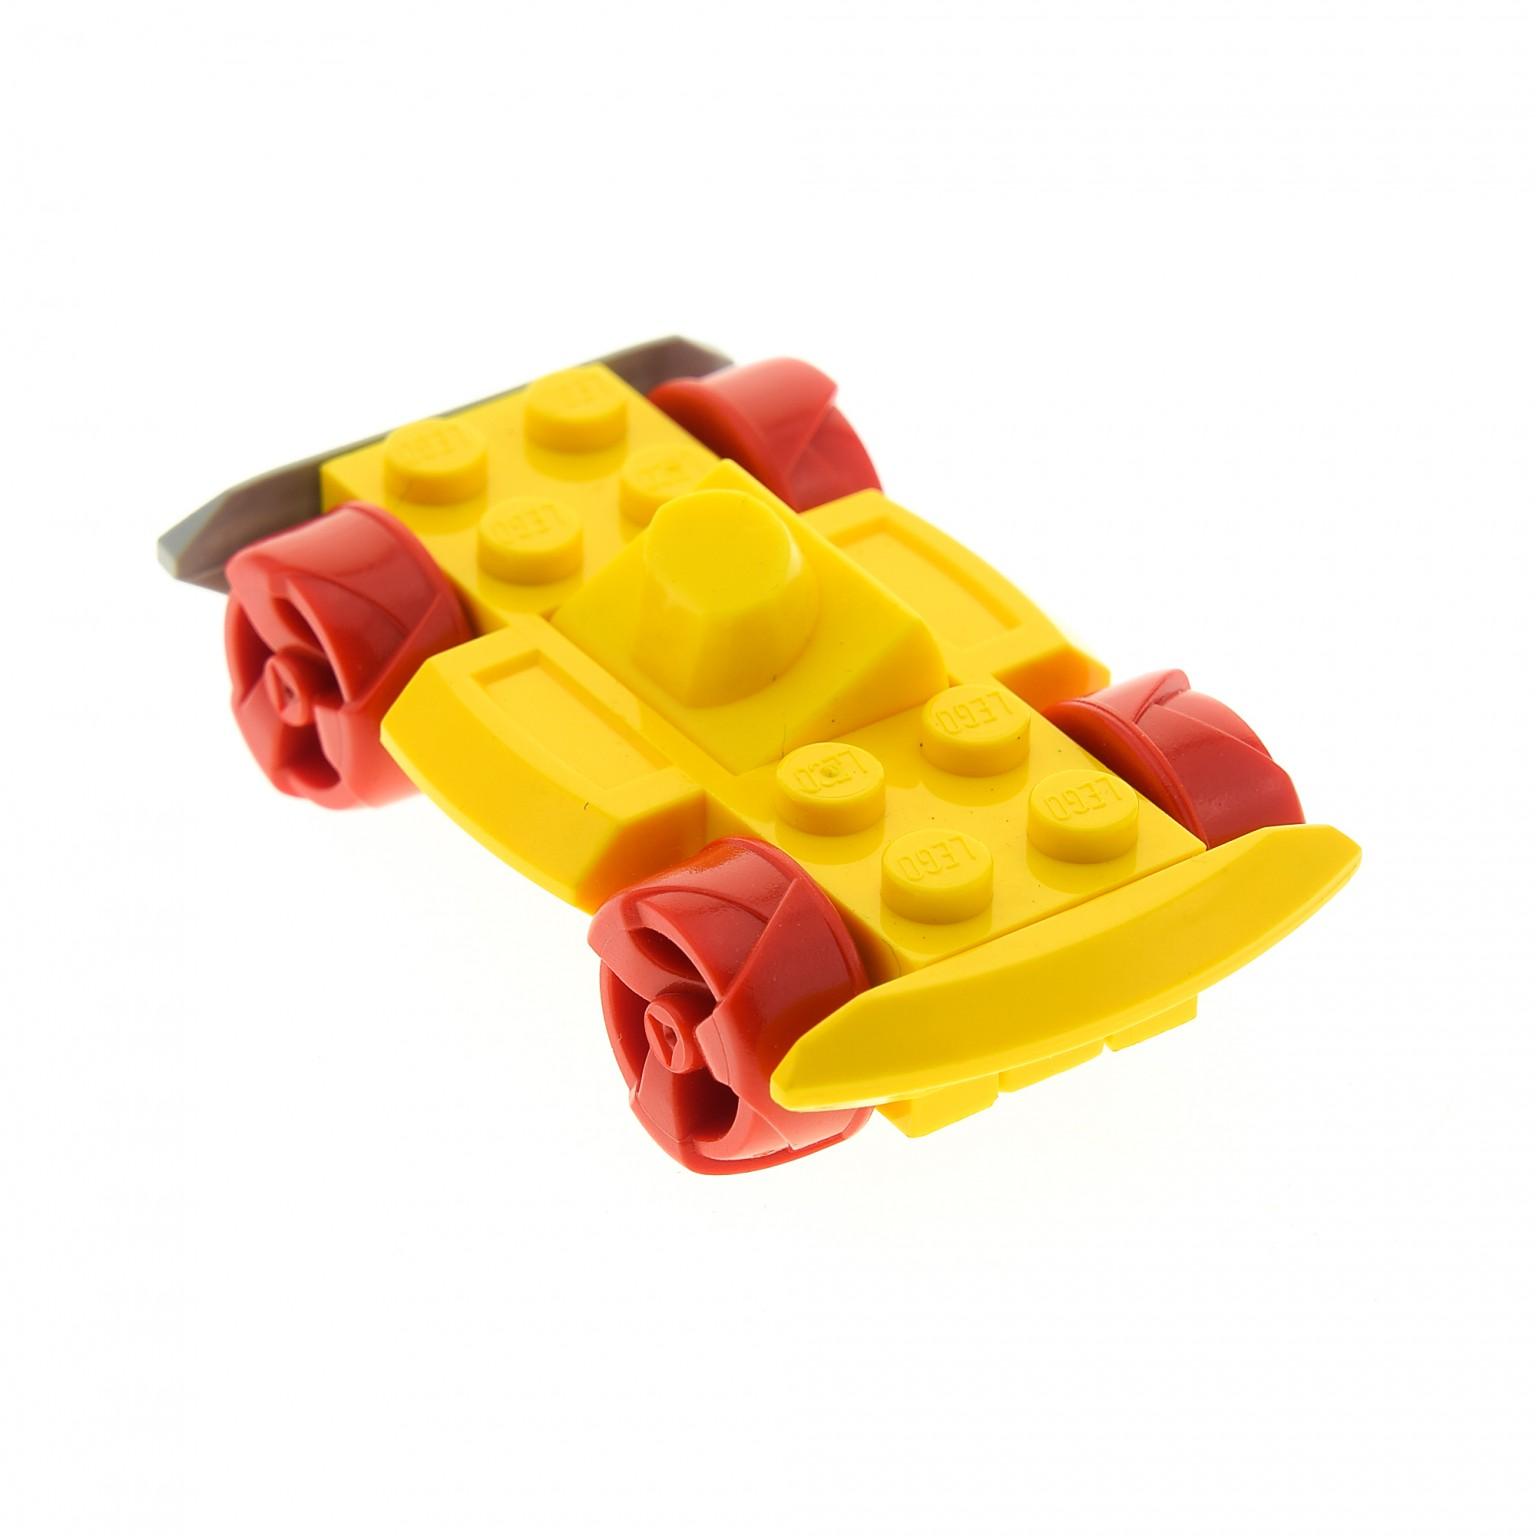 1x Lego Auto gelb 4x6 beweglichen Stoßdämpfer Bumber Racers Lightor Warrior 4573